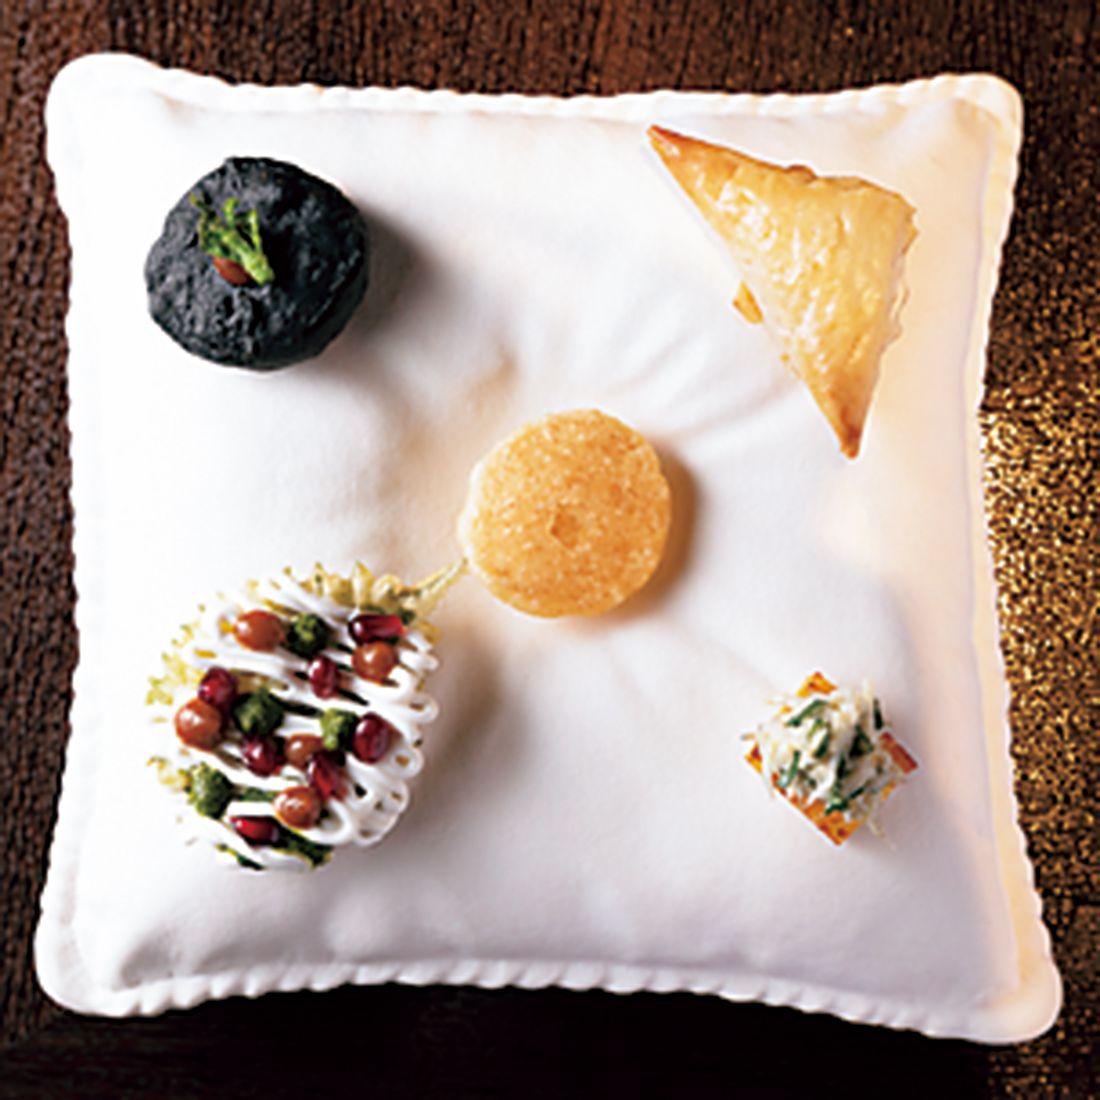 シソの天ぷらにタマリンドのチャツネとザクロをのせたものは「チャート」という屋台料理がベース。